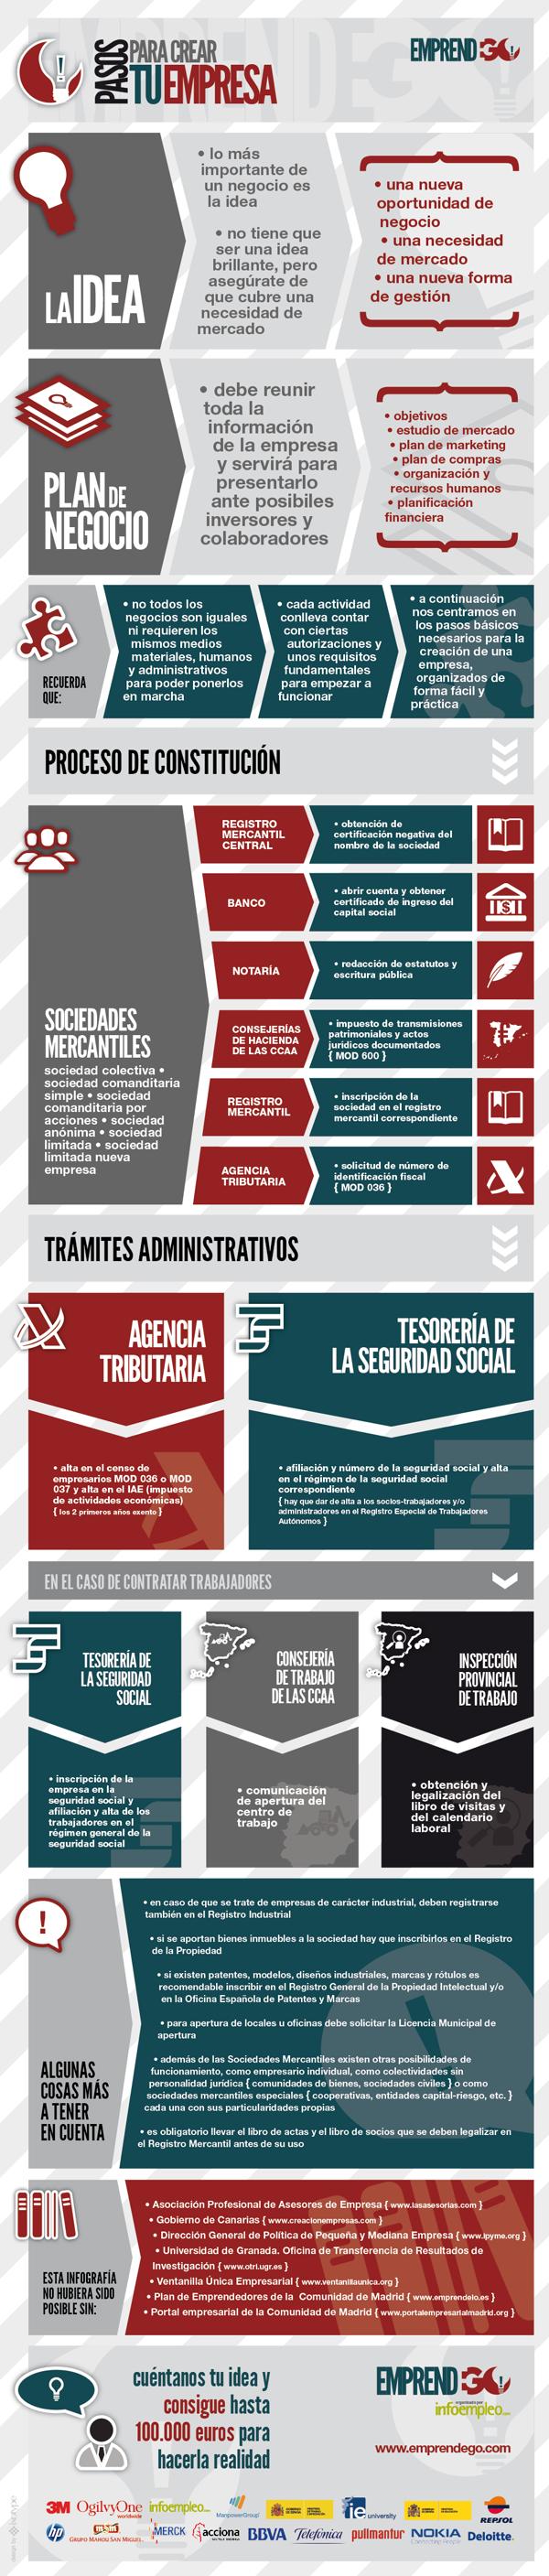 Guia_creacion_empresas_Espana